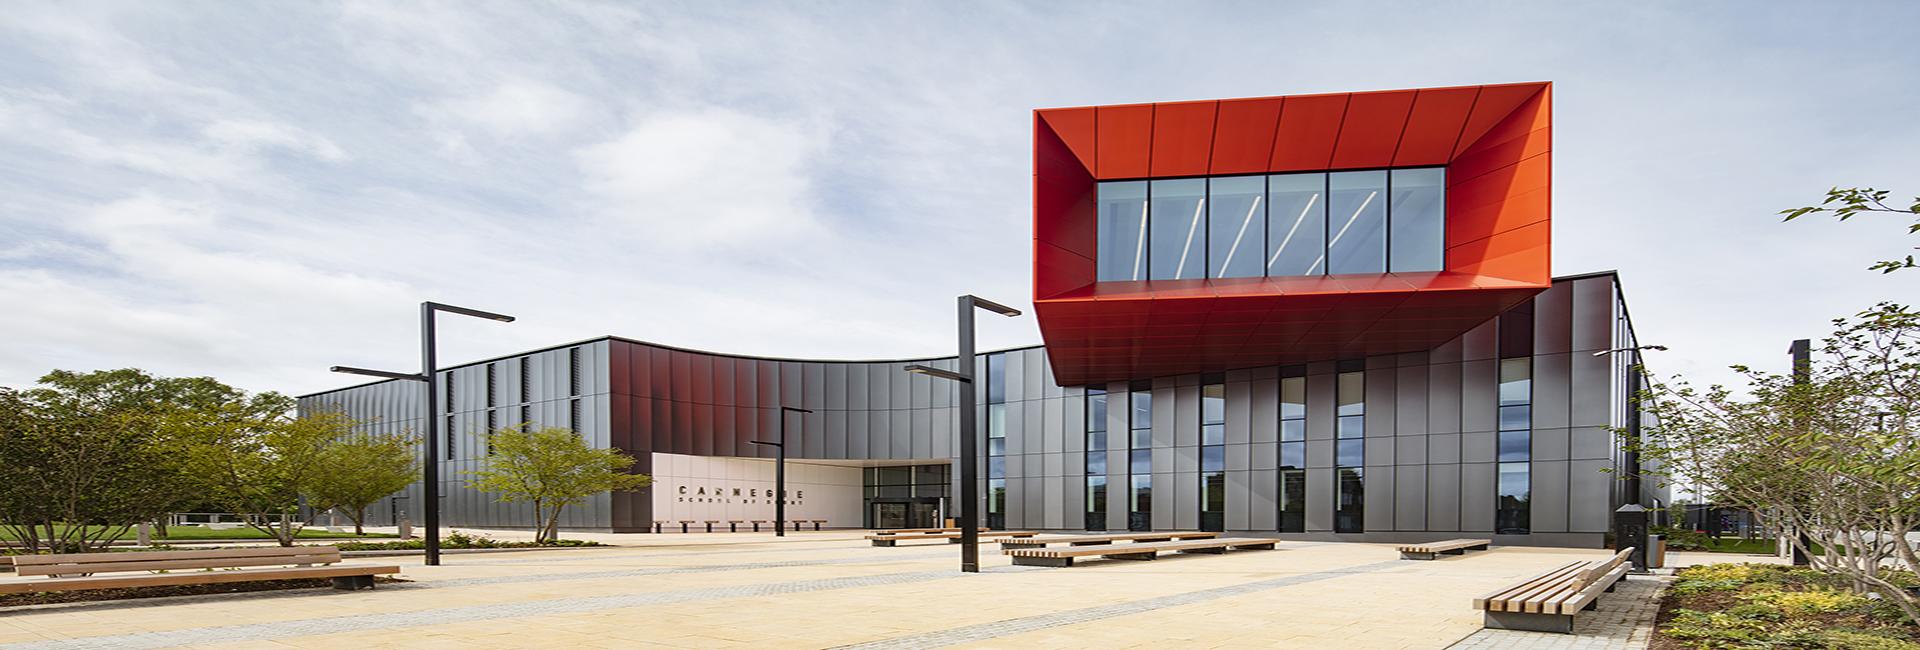 Leeds Beckett University, CTaR